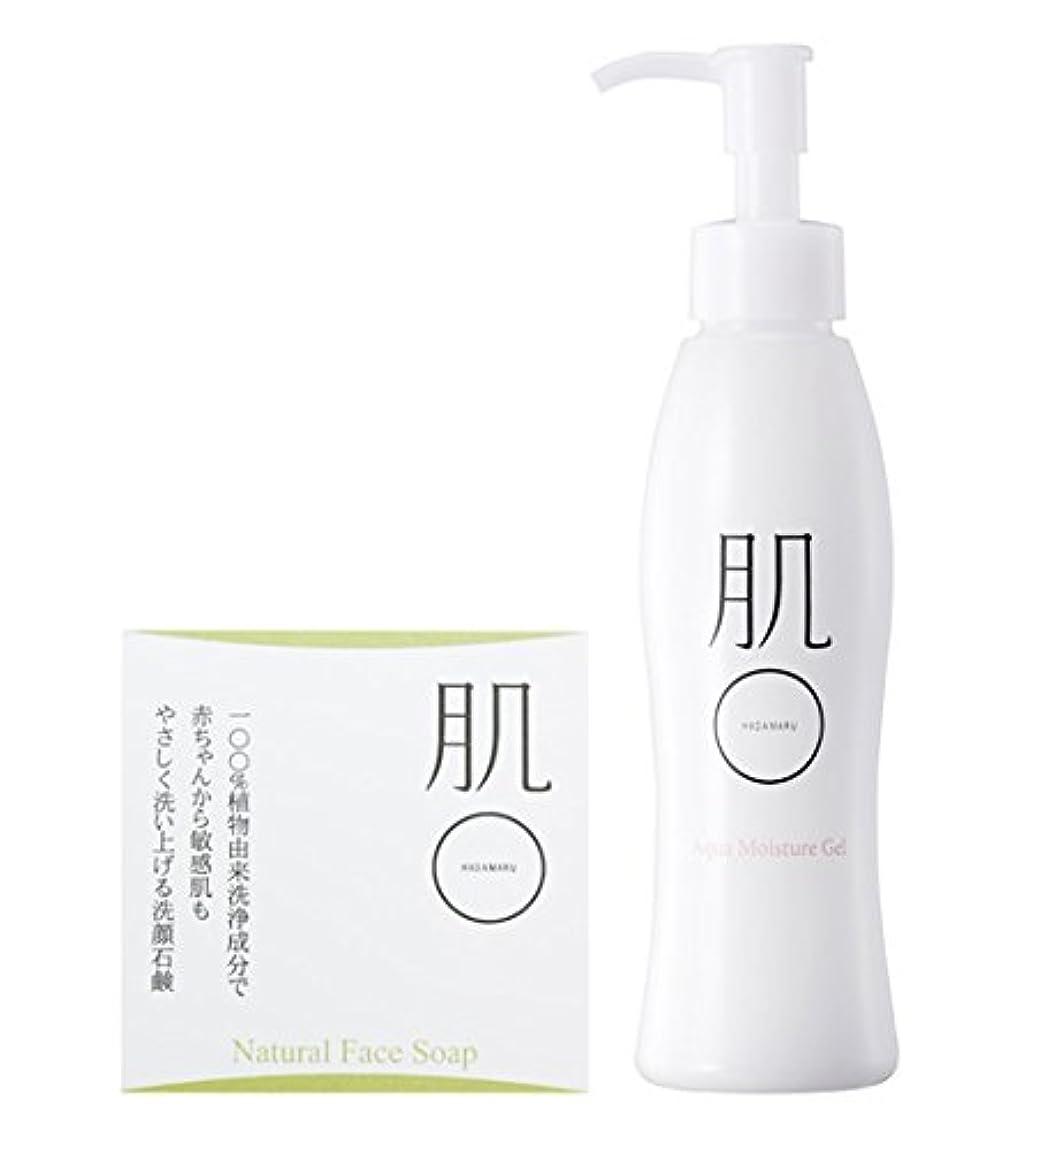 透けて見えるアラバマいらいらする肌まる とにかく保湿セット(低刺激洗顔石鹸&高保湿オールインワンゲル)